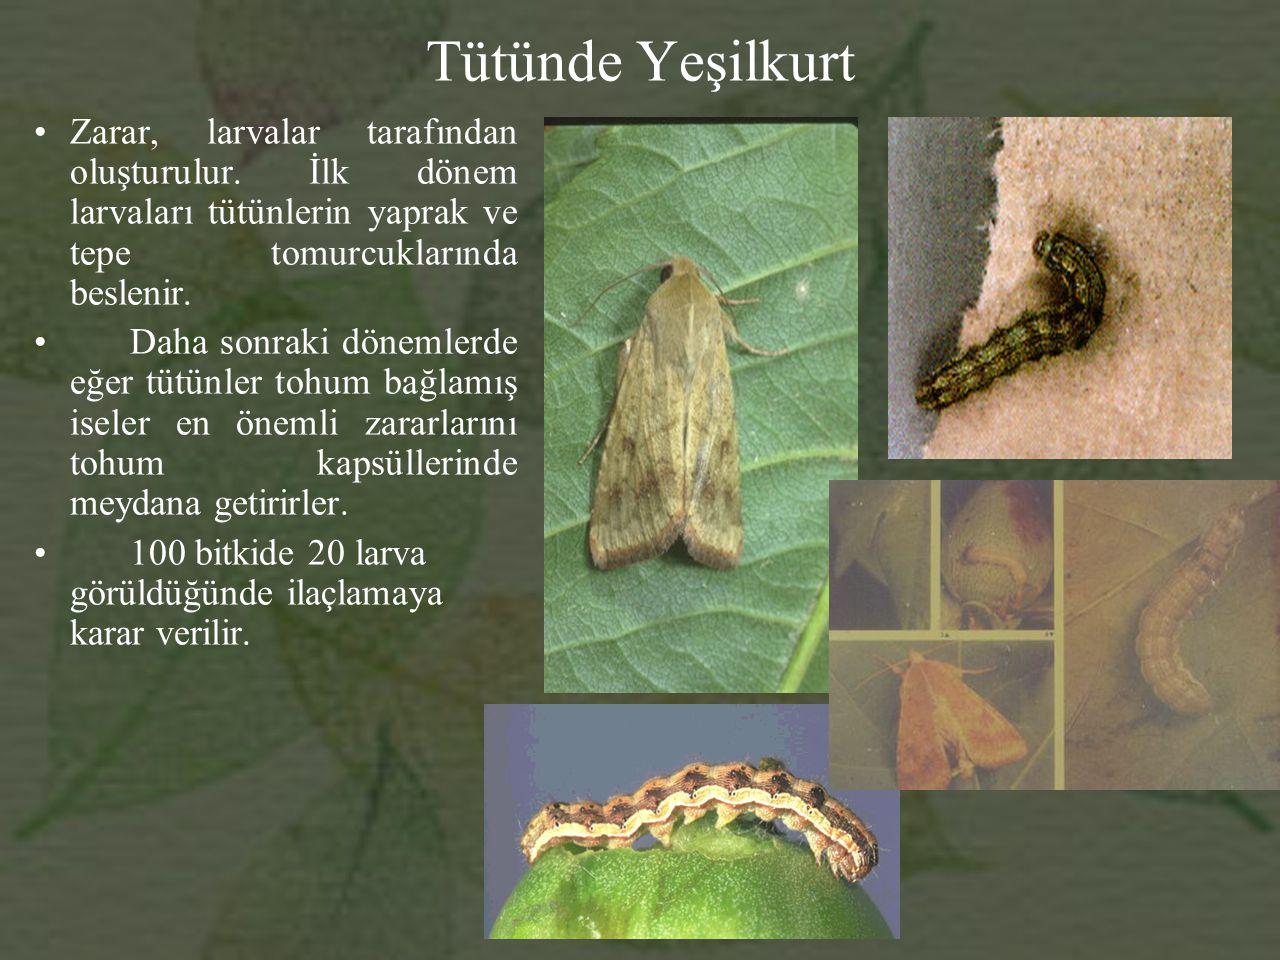 Tütünde Yeşilkurt Zarar, larvalar tarafından oluşturulur. İlk dönem larvaları tütünlerin yaprak ve tepe tomurcuklarında beslenir.